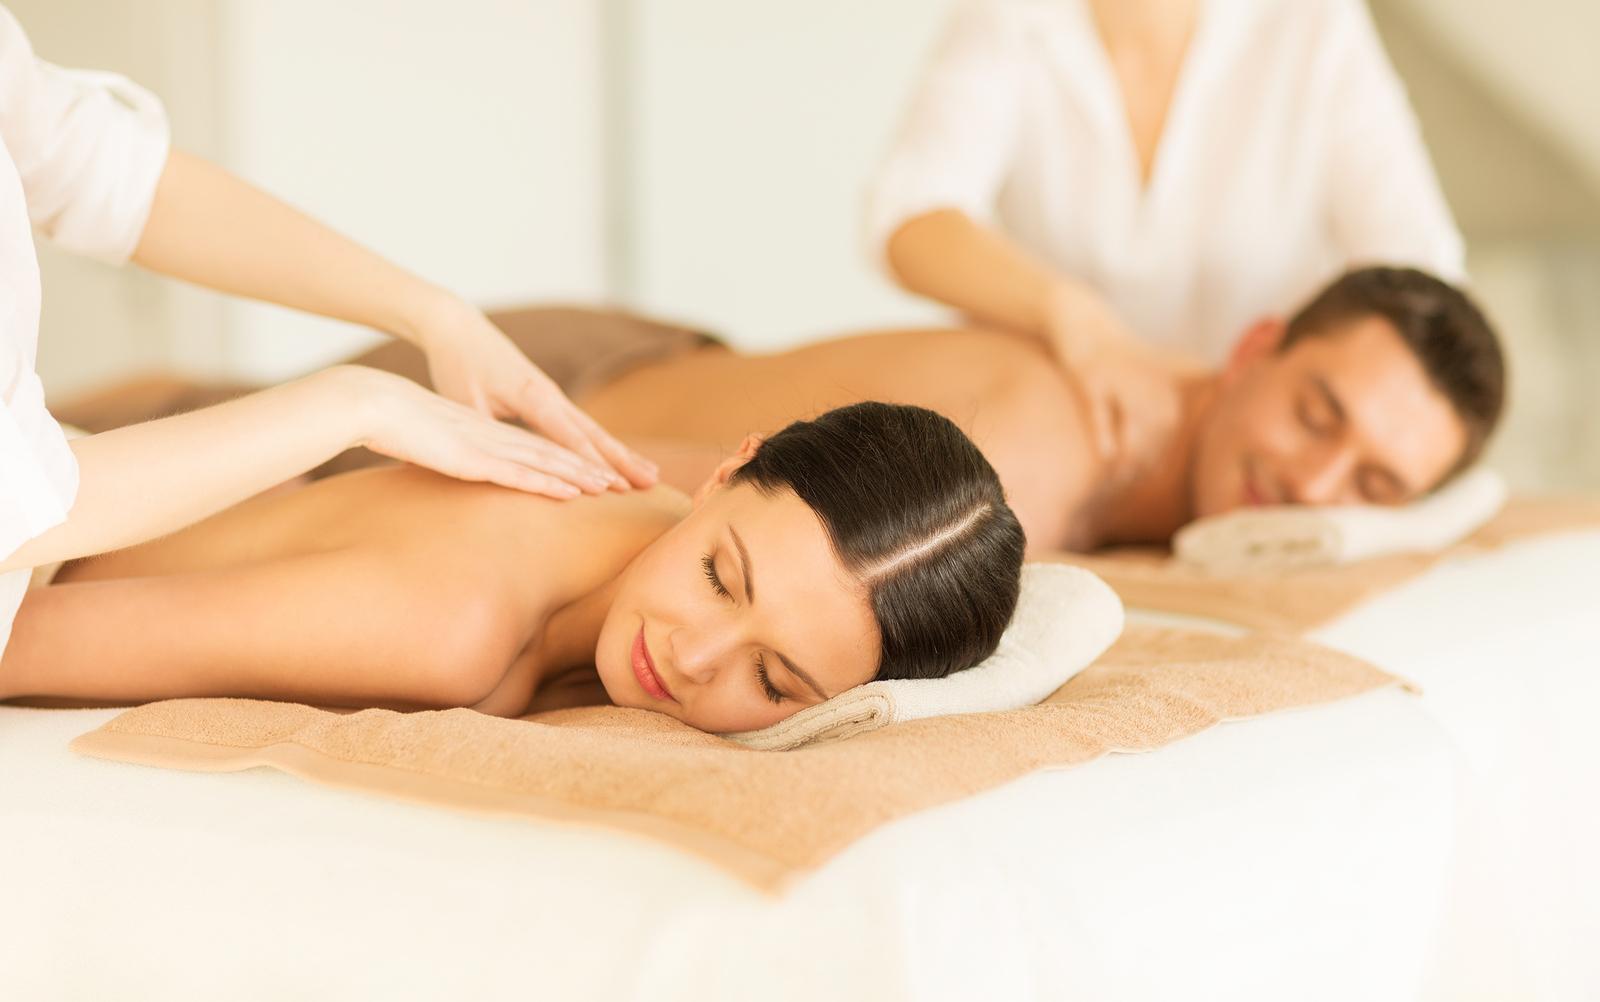 escort 18 år massage erbjudande stockholm